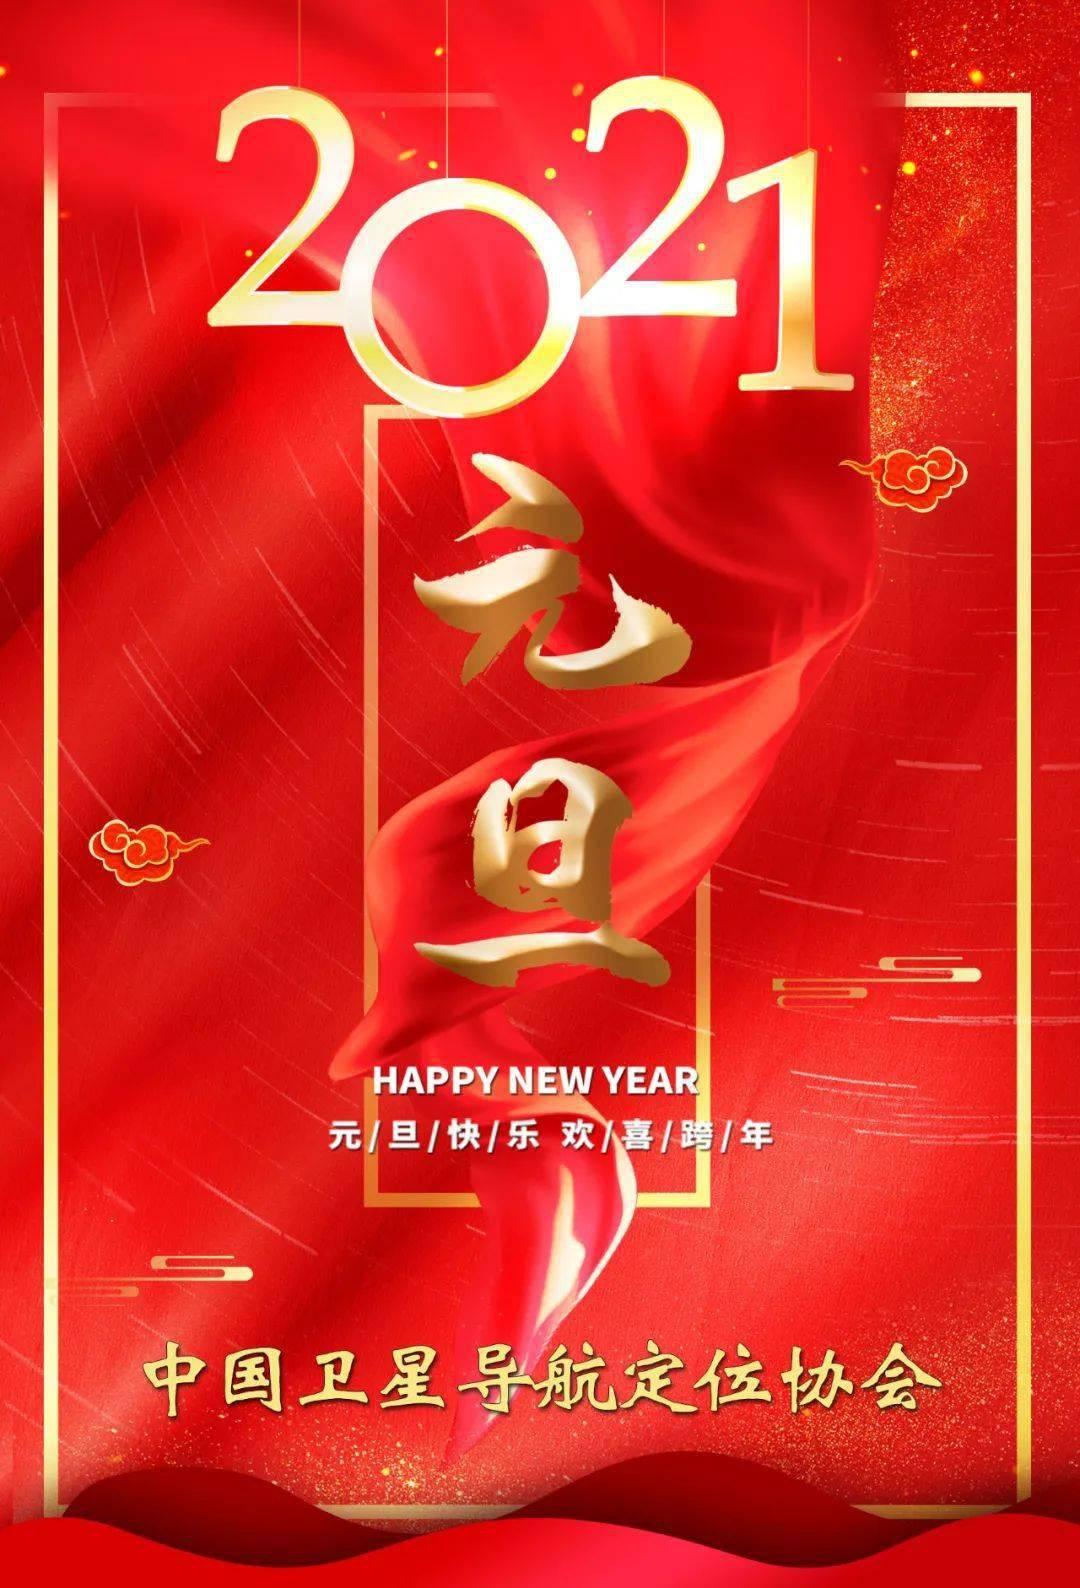 千亿体育app- 中国卫星导航定位协会祝您元旦快乐(图1)